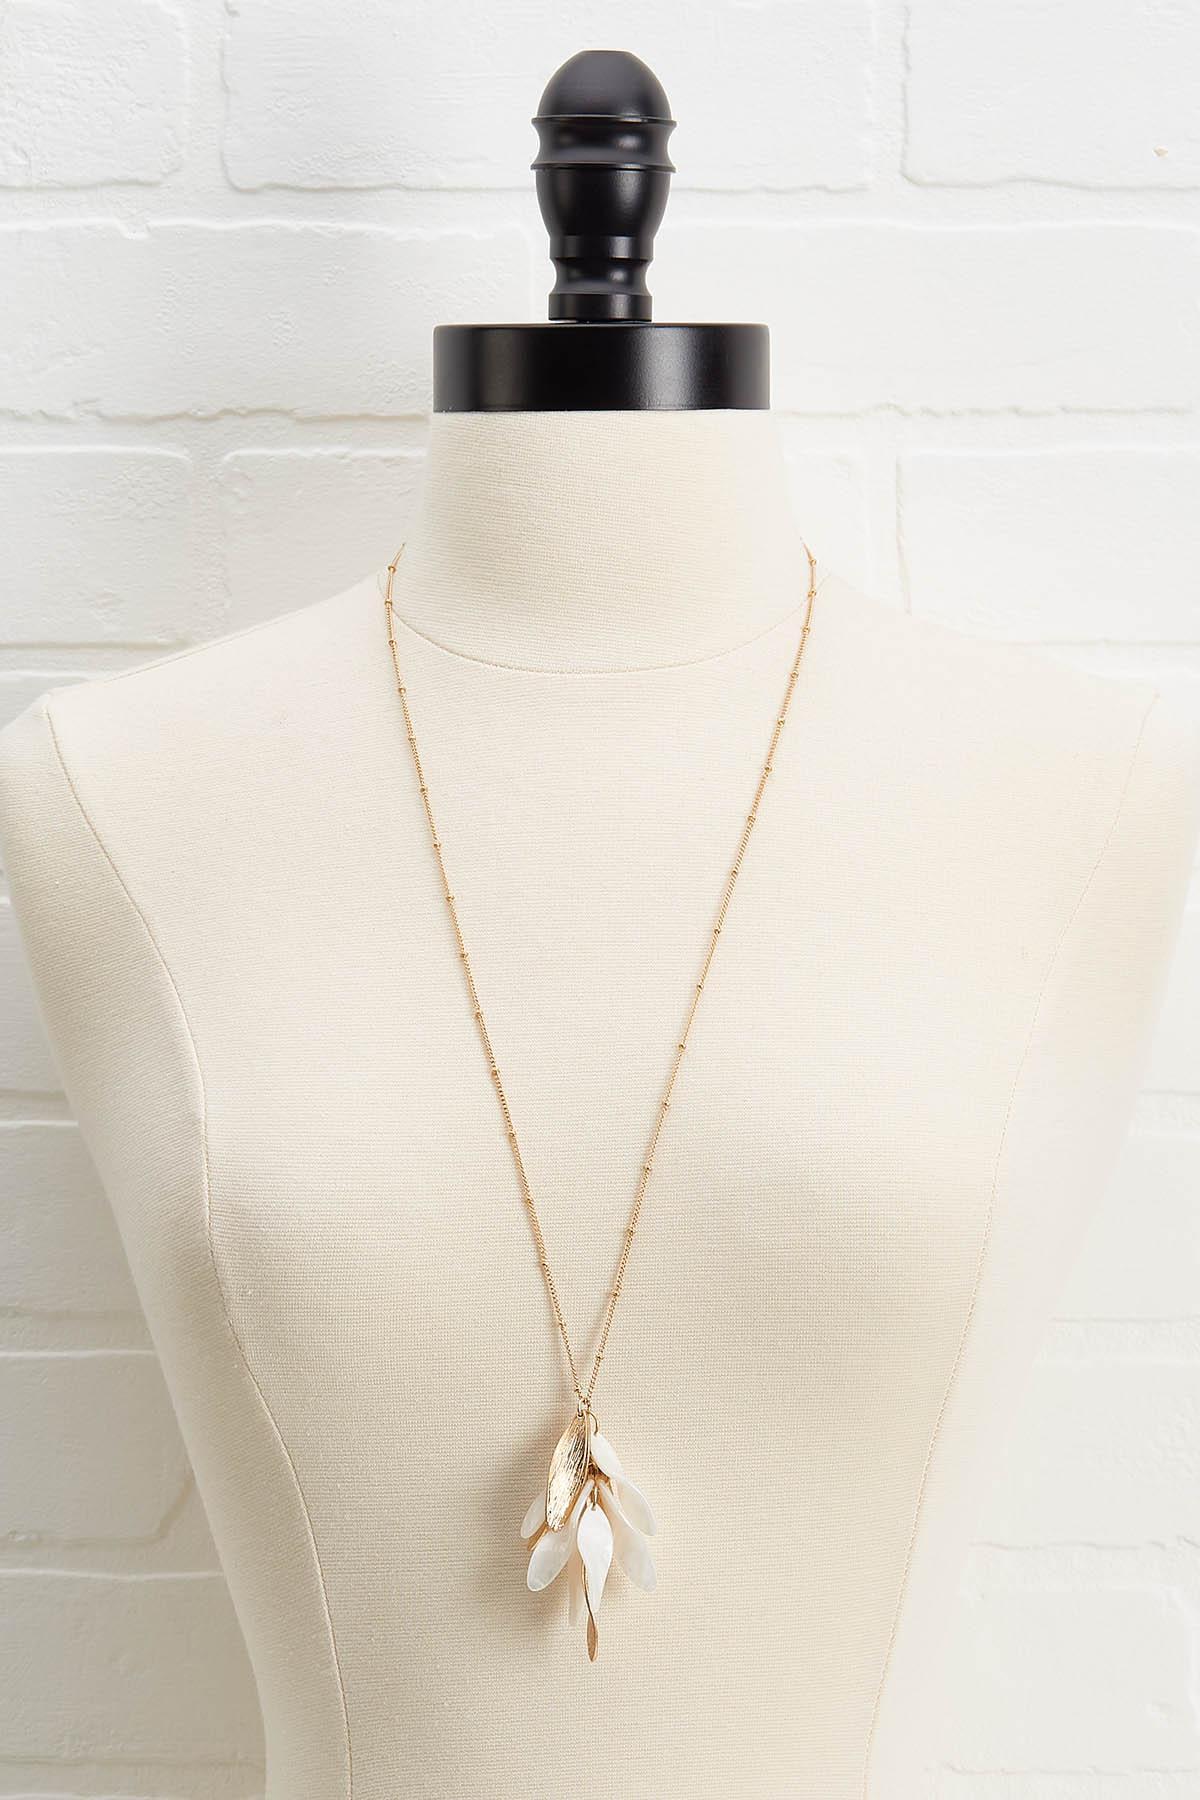 Lucite Pendant Necklace